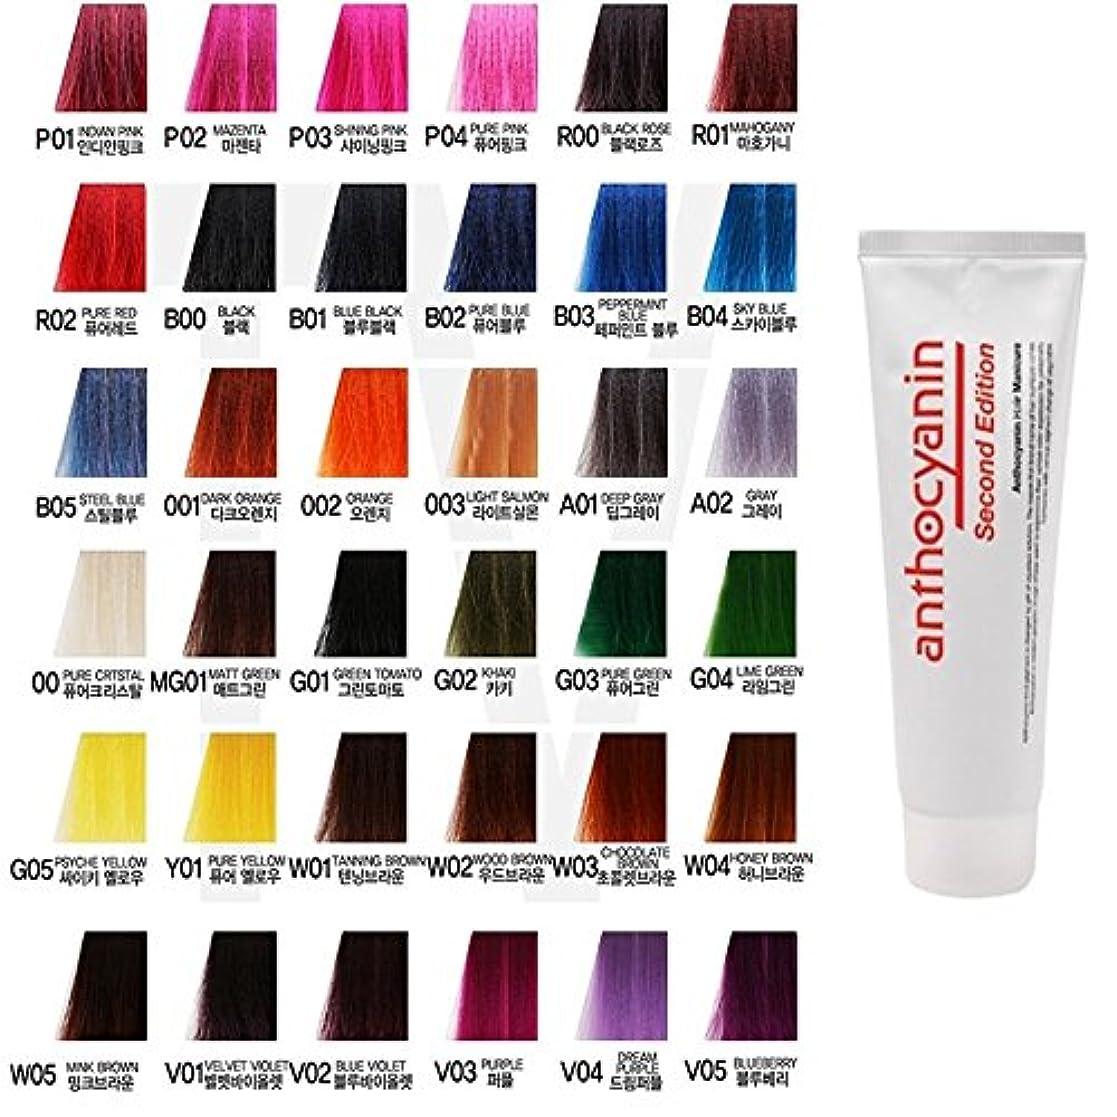 階層苗タンザニアヘア マニキュア カラー セカンド エディション 230g セミ パーマネント 染毛剤 ( Hair Manicure Color Second Edition 230g Semi Permanent Hair Dye) [並行輸入品] (004 Pure Crystal)